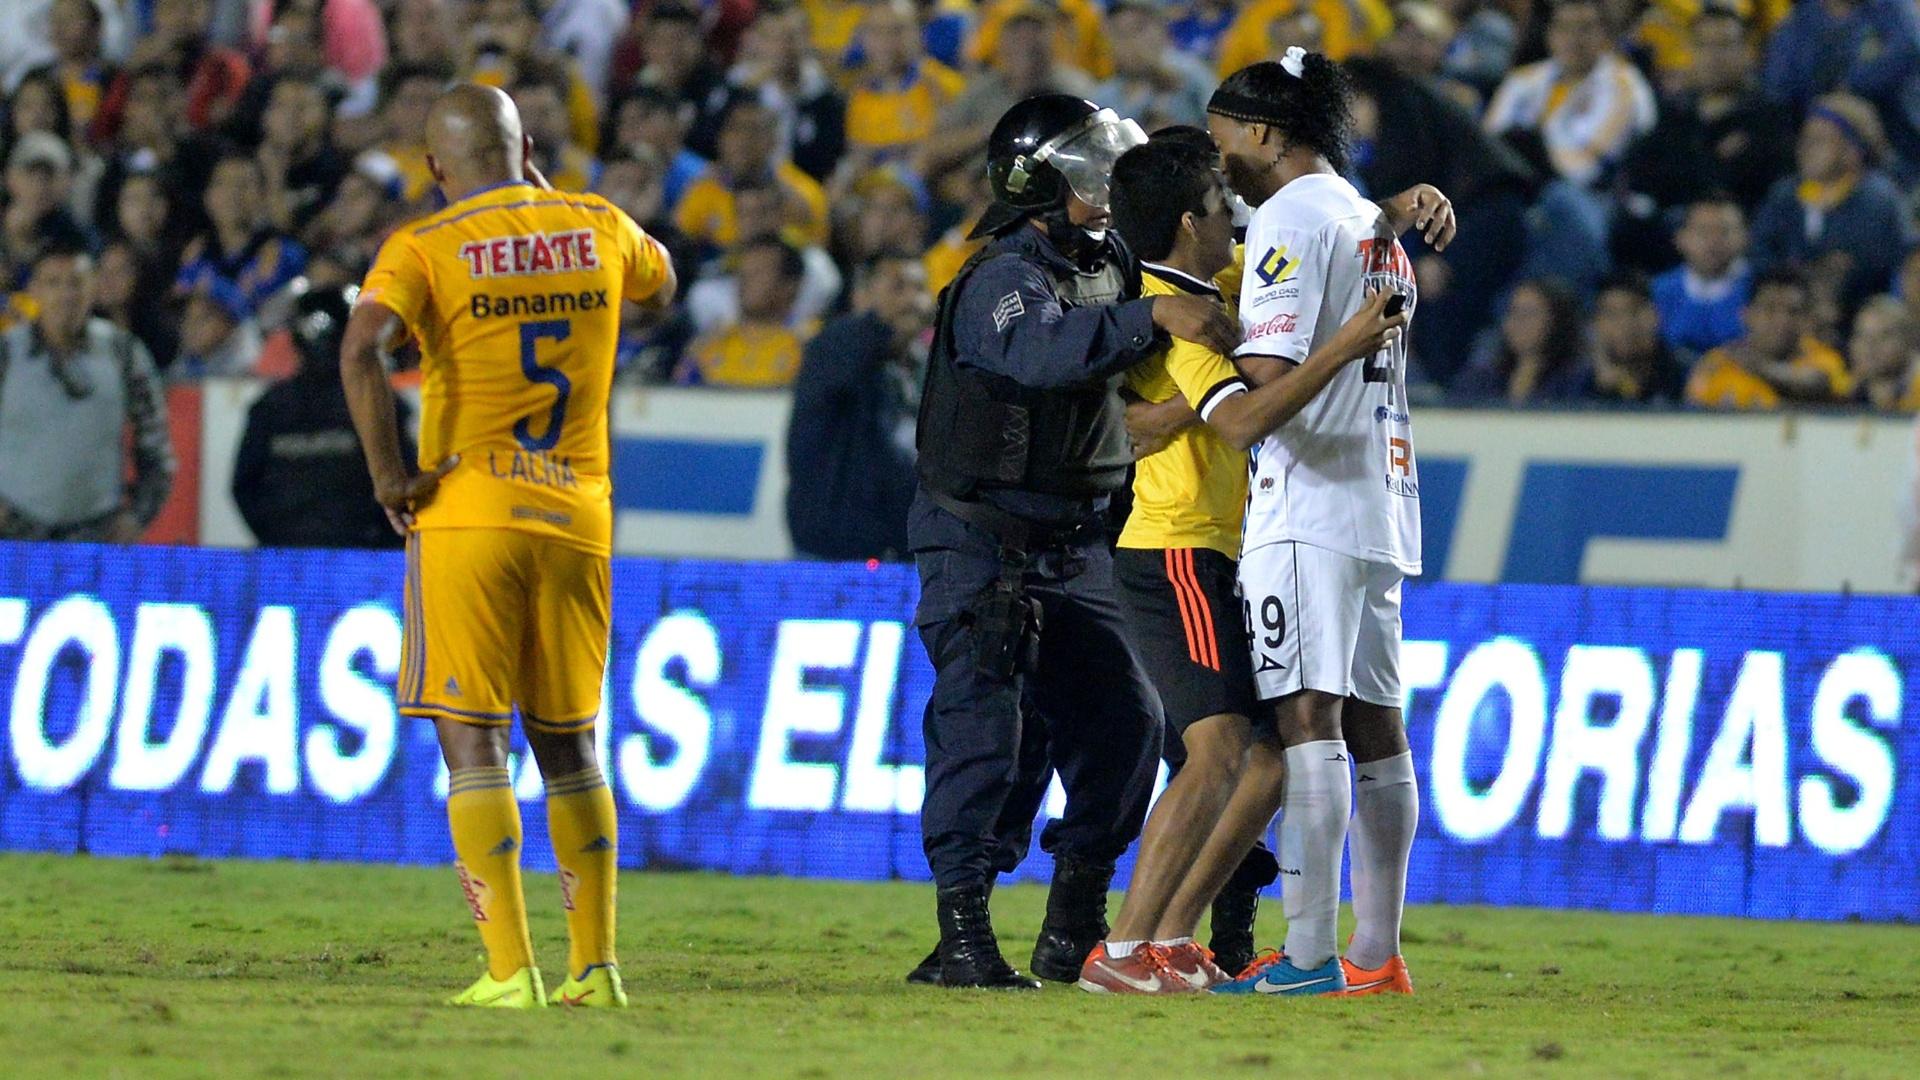 Ronaldinho é abraçado por invasor durante partida do Campeonato Mexicano em que seu time, o Querétaro, perdeu para o Tigres por 1 a 0